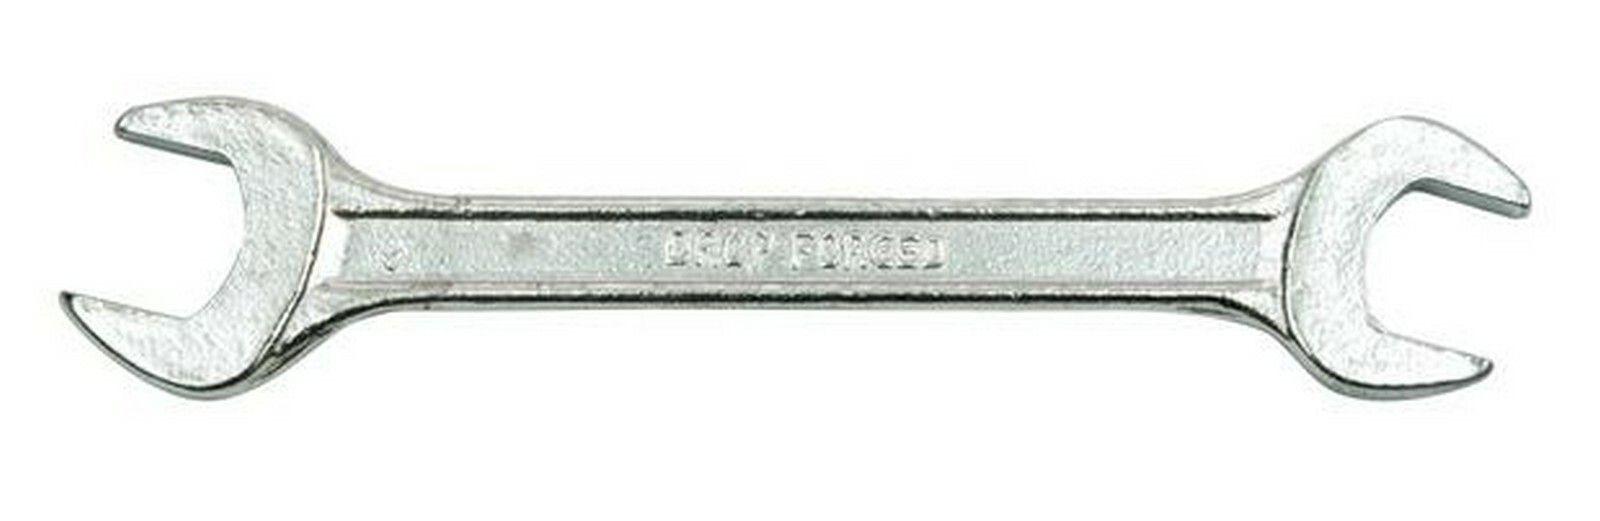 Klíč plochý 19x22mm TOYA